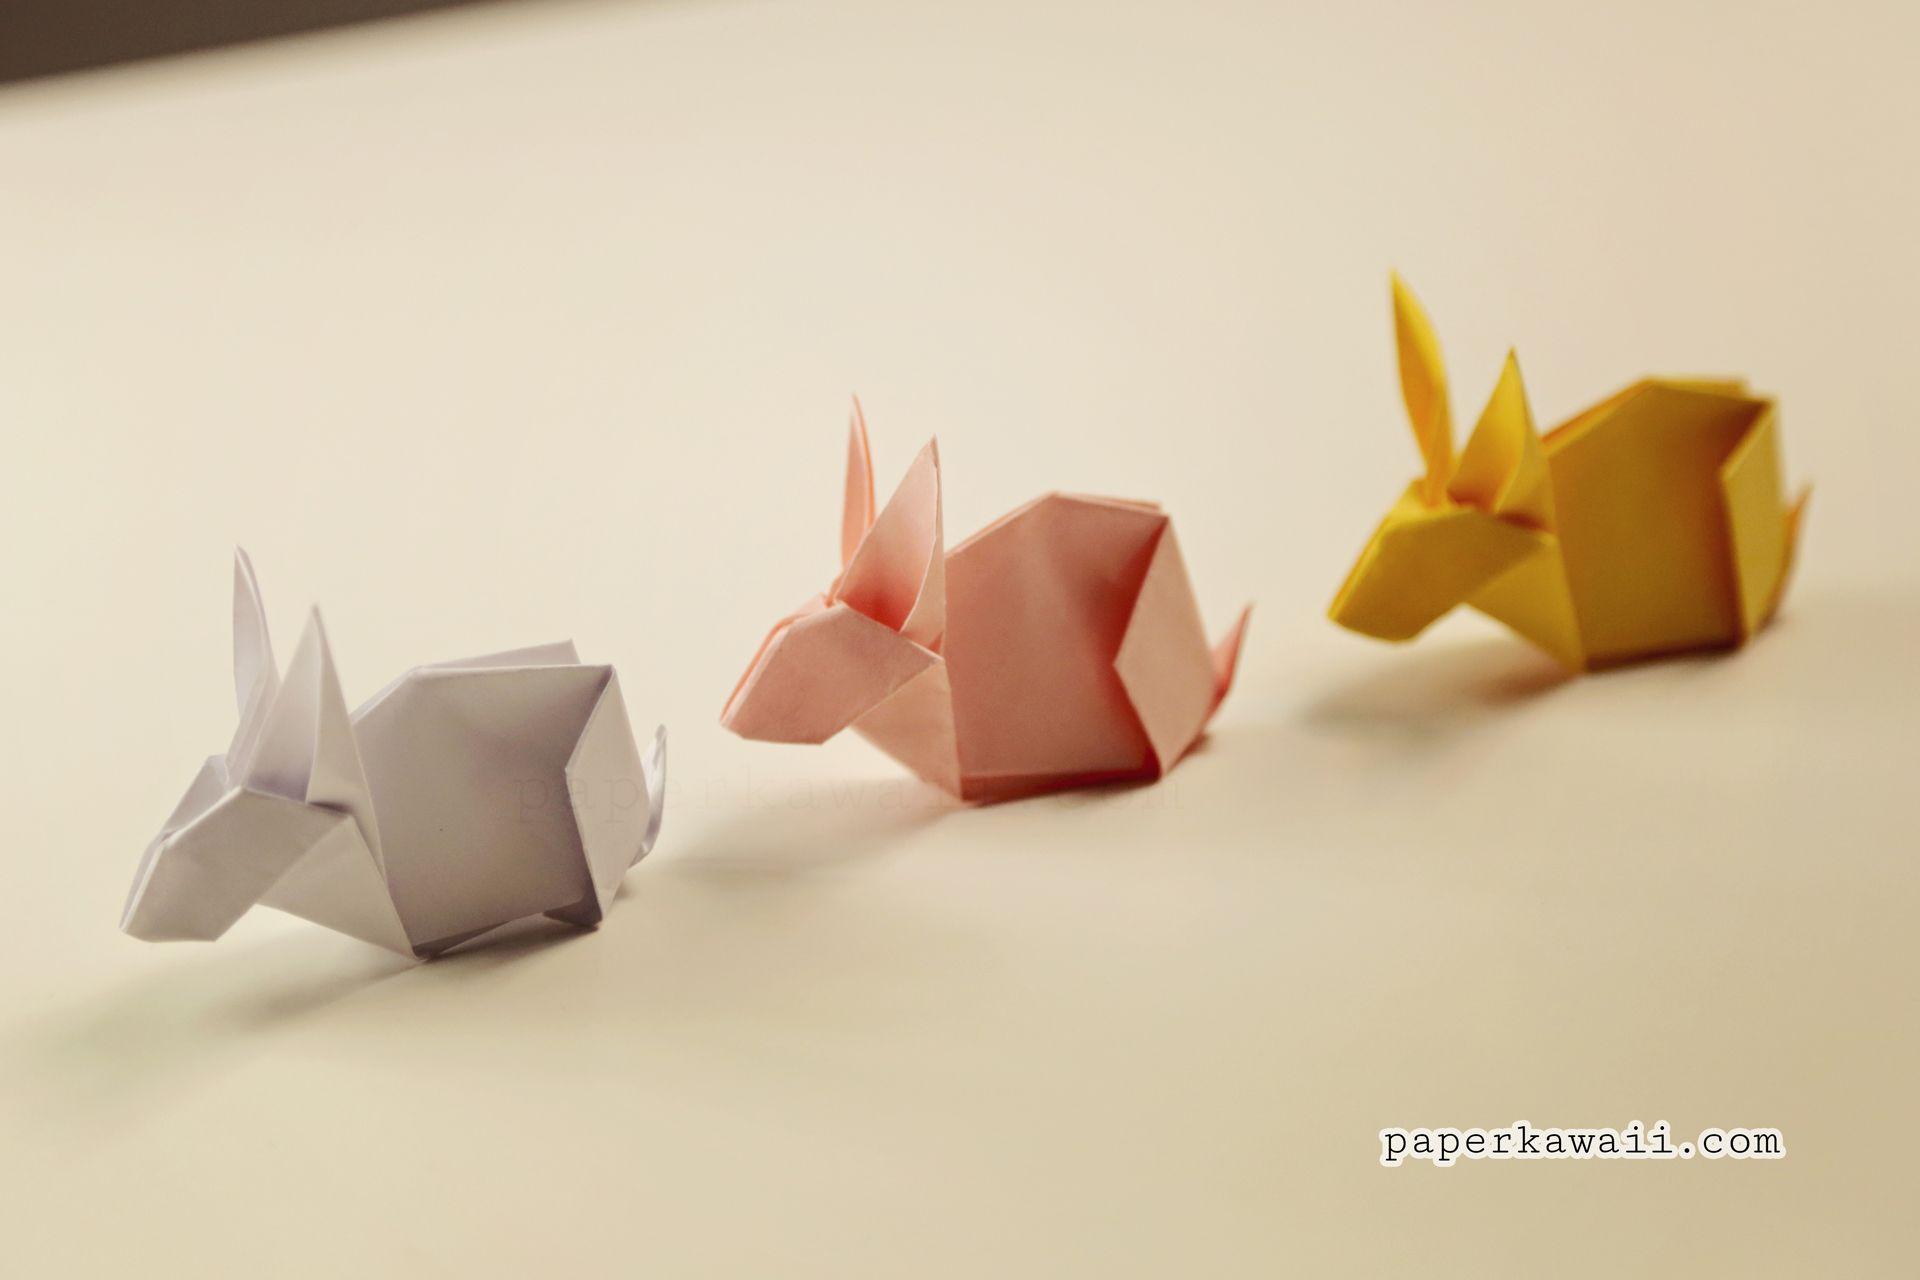 Origami Bunny Rabbit Tutorial Diagram Pinterest Bunny Rabbit